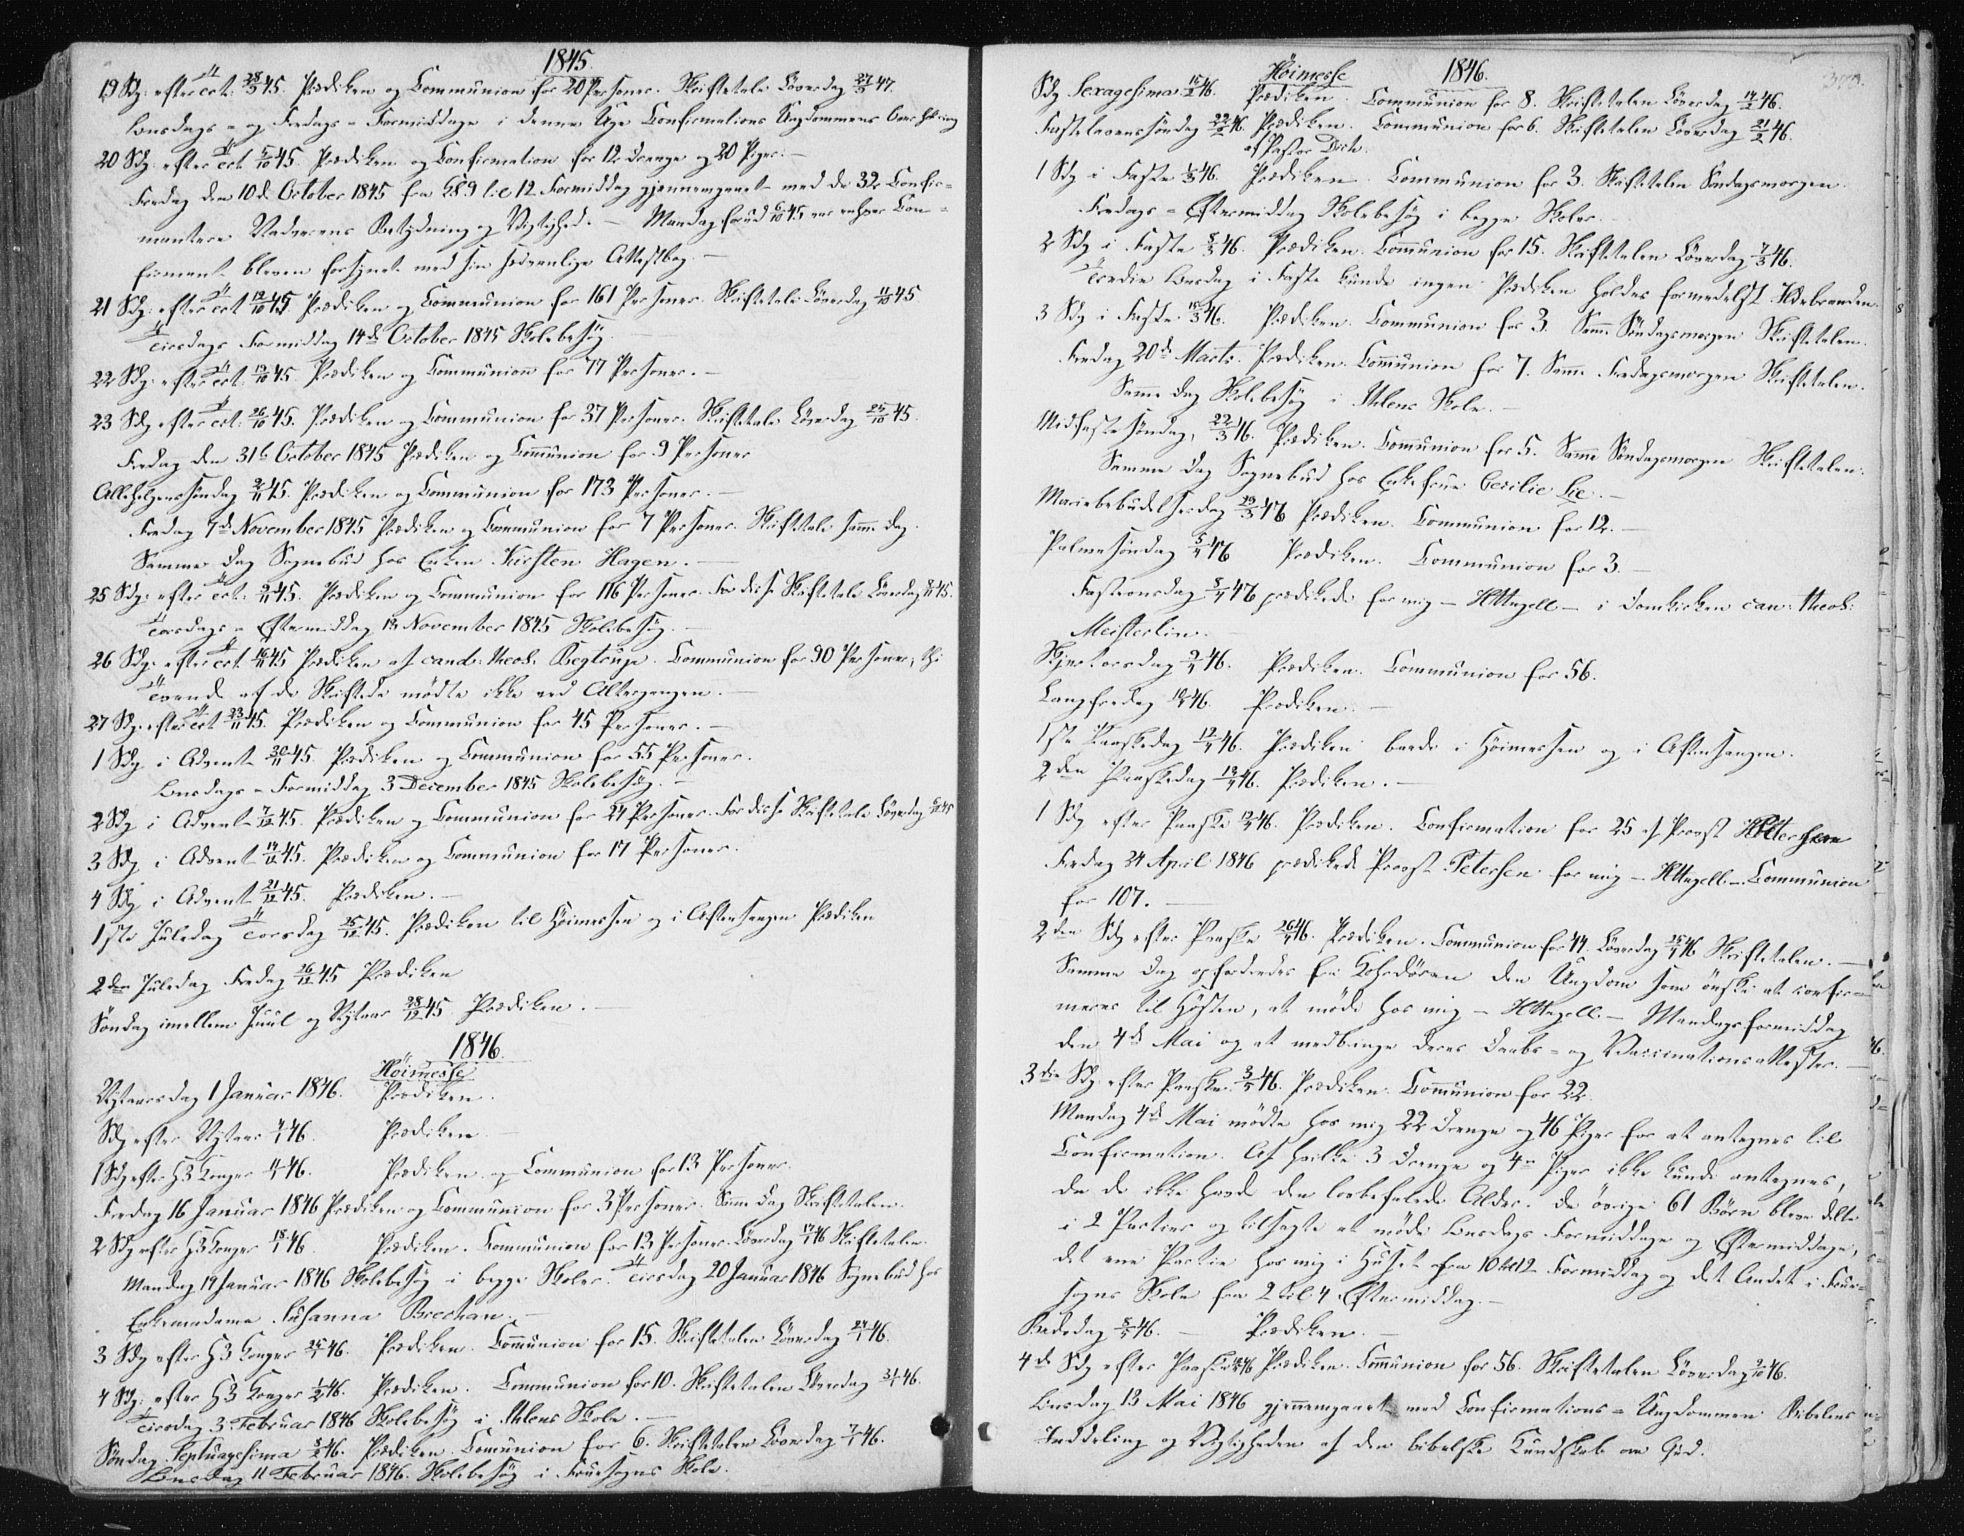 SAT, Ministerialprotokoller, klokkerbøker og fødselsregistre - Sør-Trøndelag, 602/L0110: Ministerialbok nr. 602A08, 1840-1854, s. 370